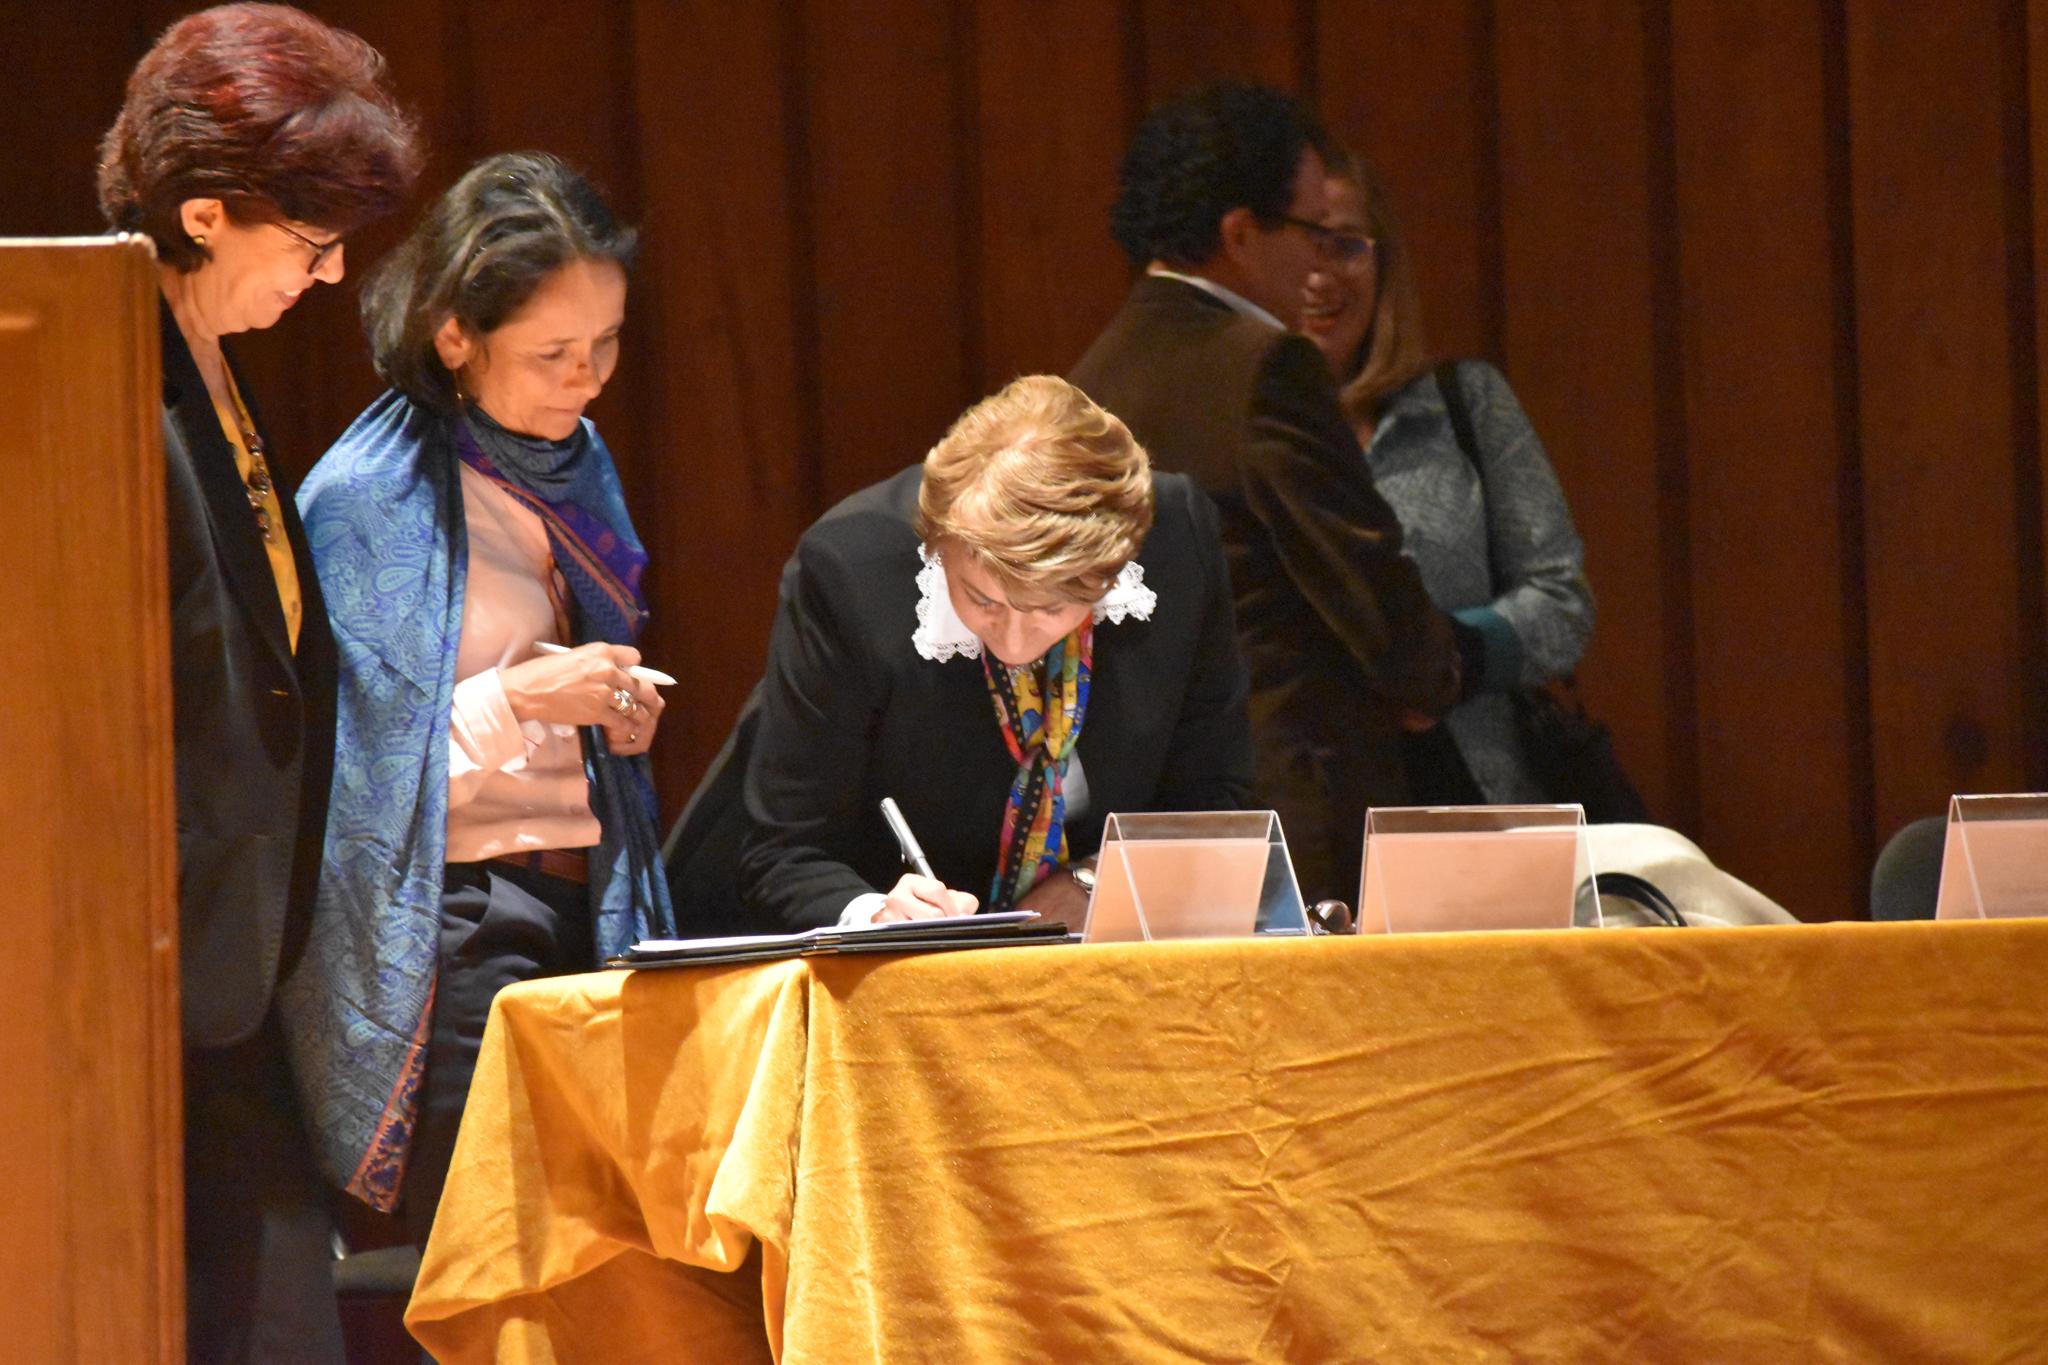 Firma de los convenios entre la Universidad Nacional de Colombia y las instituciones del Sistema Integral de Verdad, Justicia, Reparación y No Repetición (SIVJRNR) (Foto: Aura Flechas)